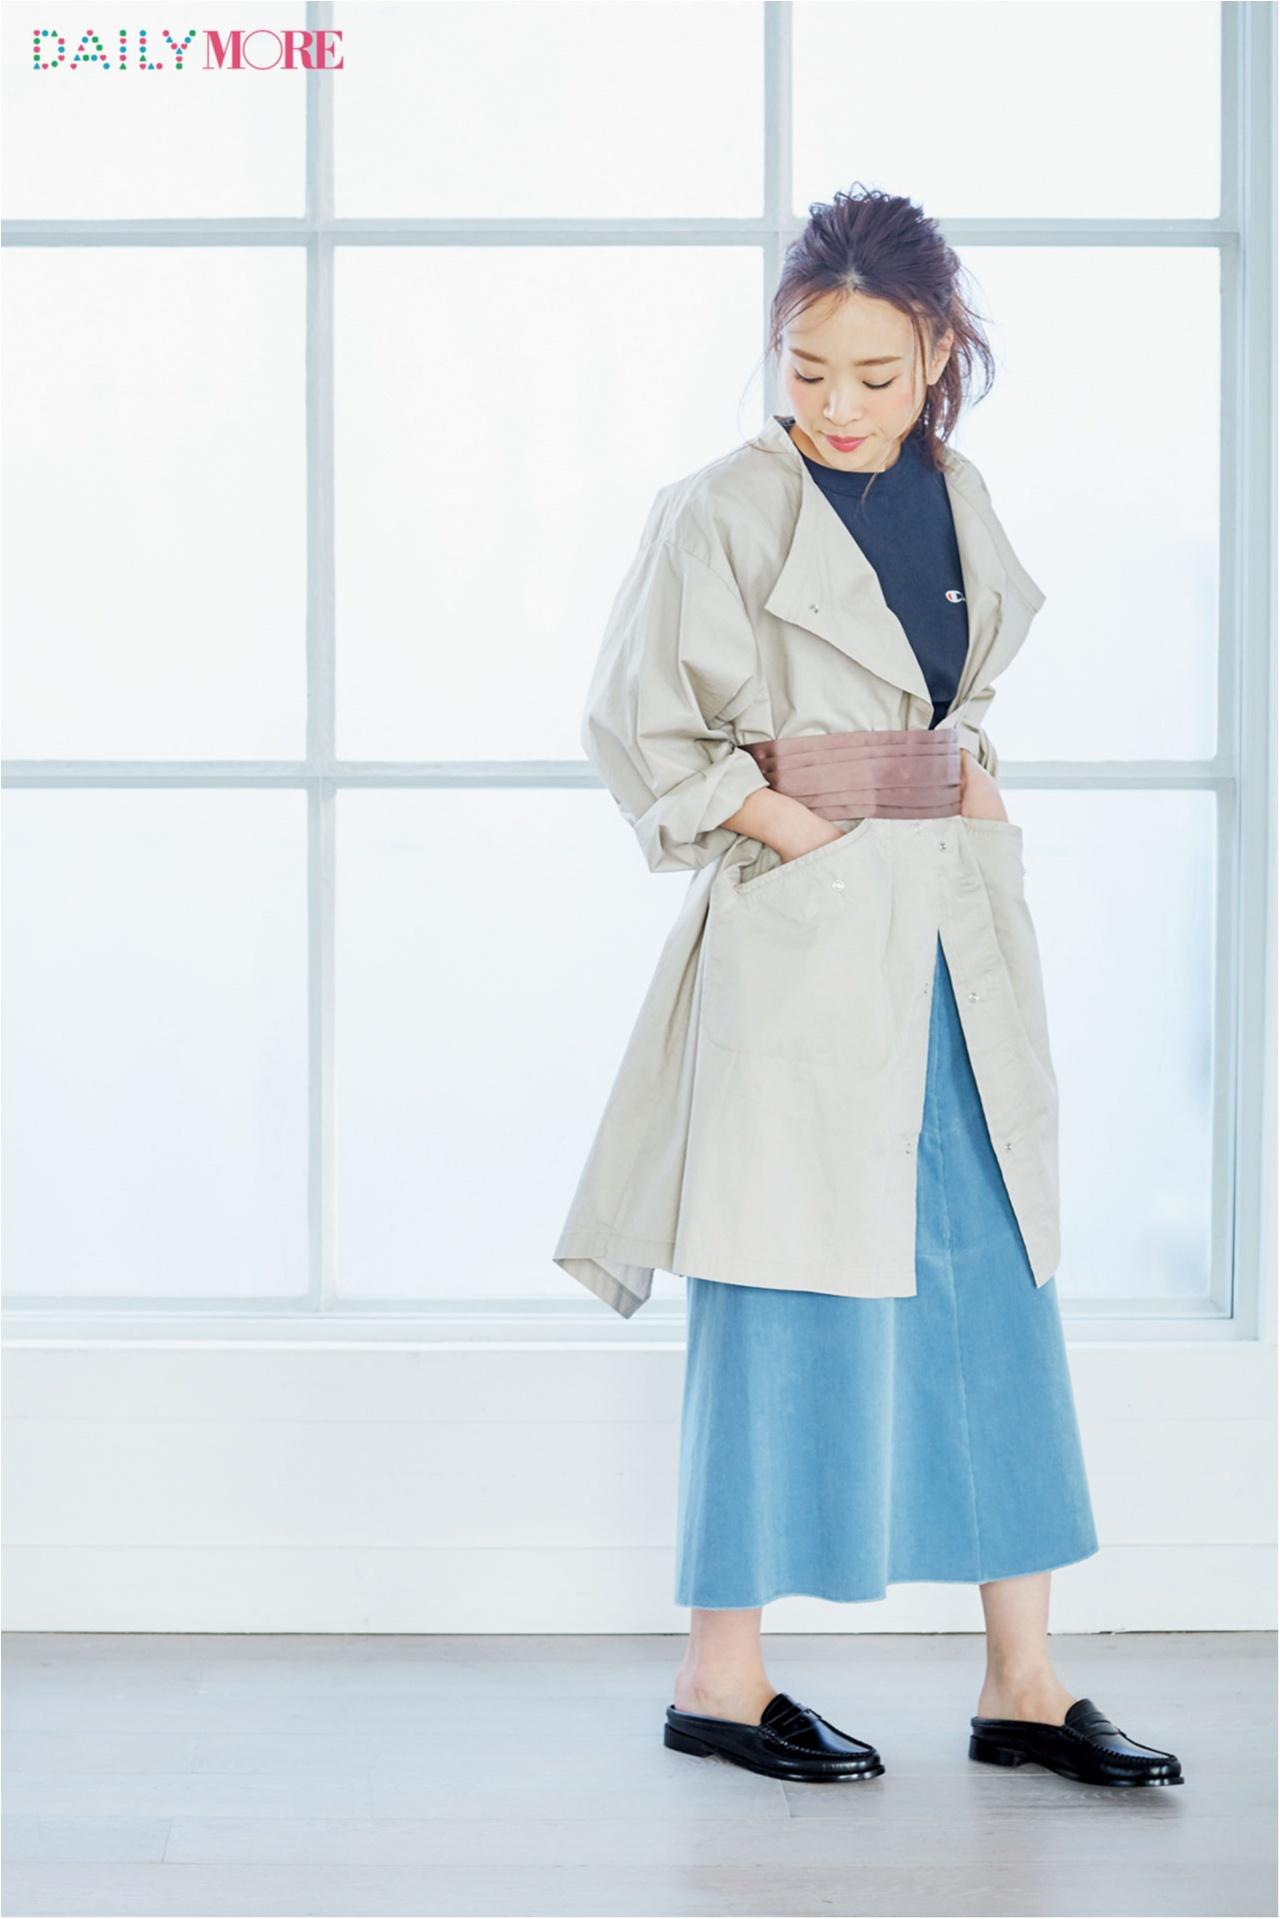 ファッションディレクター/スタイリスト野尻美穂さんが発表。今したいコーデに必要な旬ベルト3選!_3